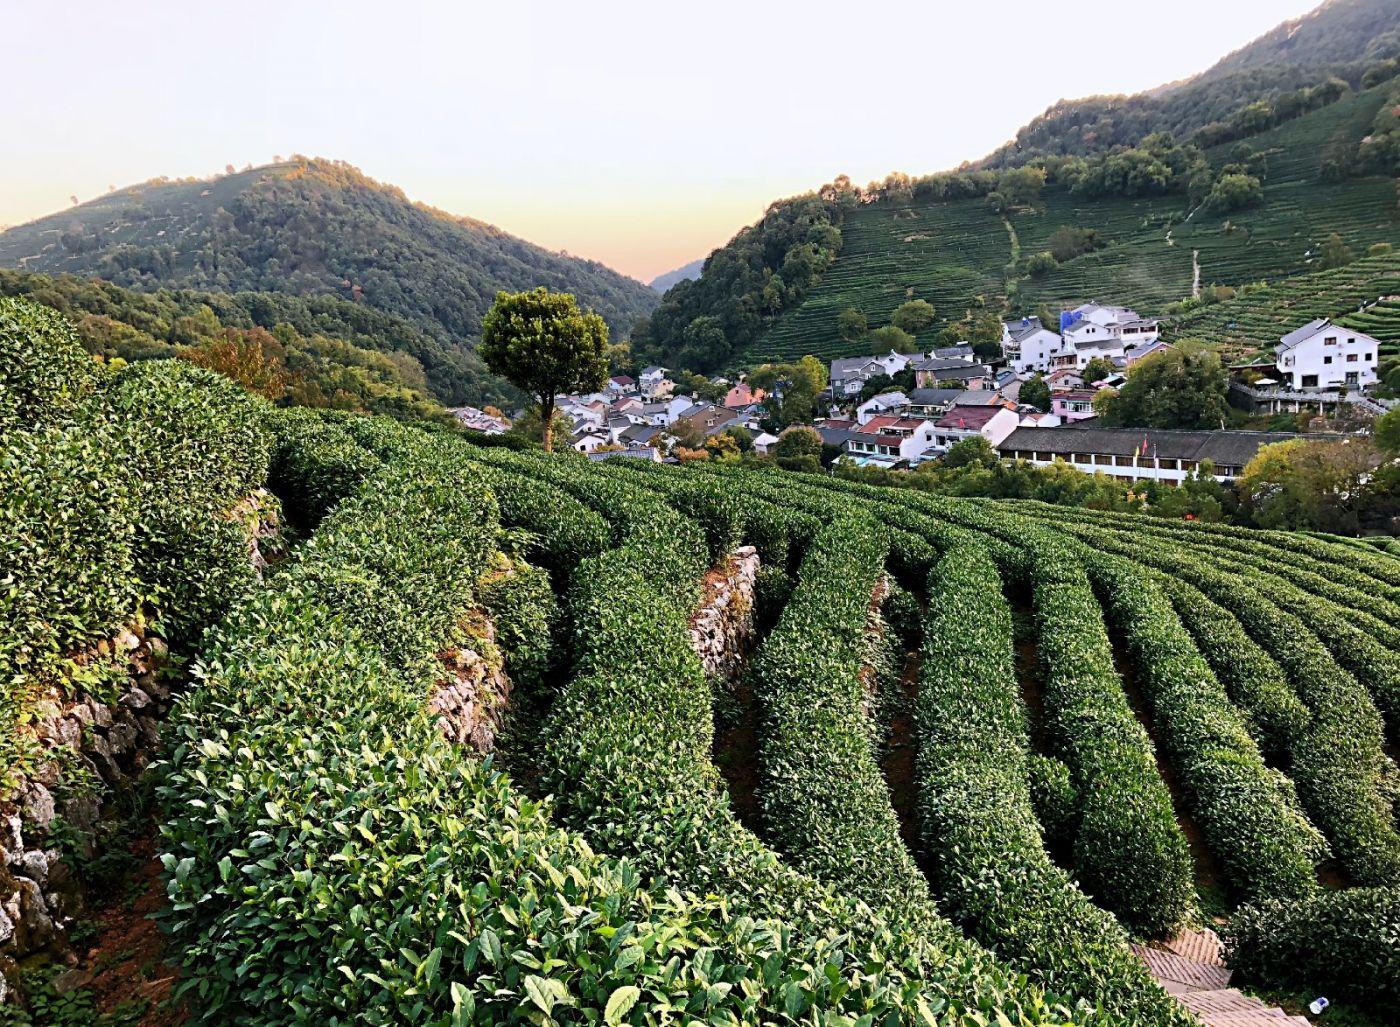 【田螺随拍】杭州龙井茶园-手机版_图1-4